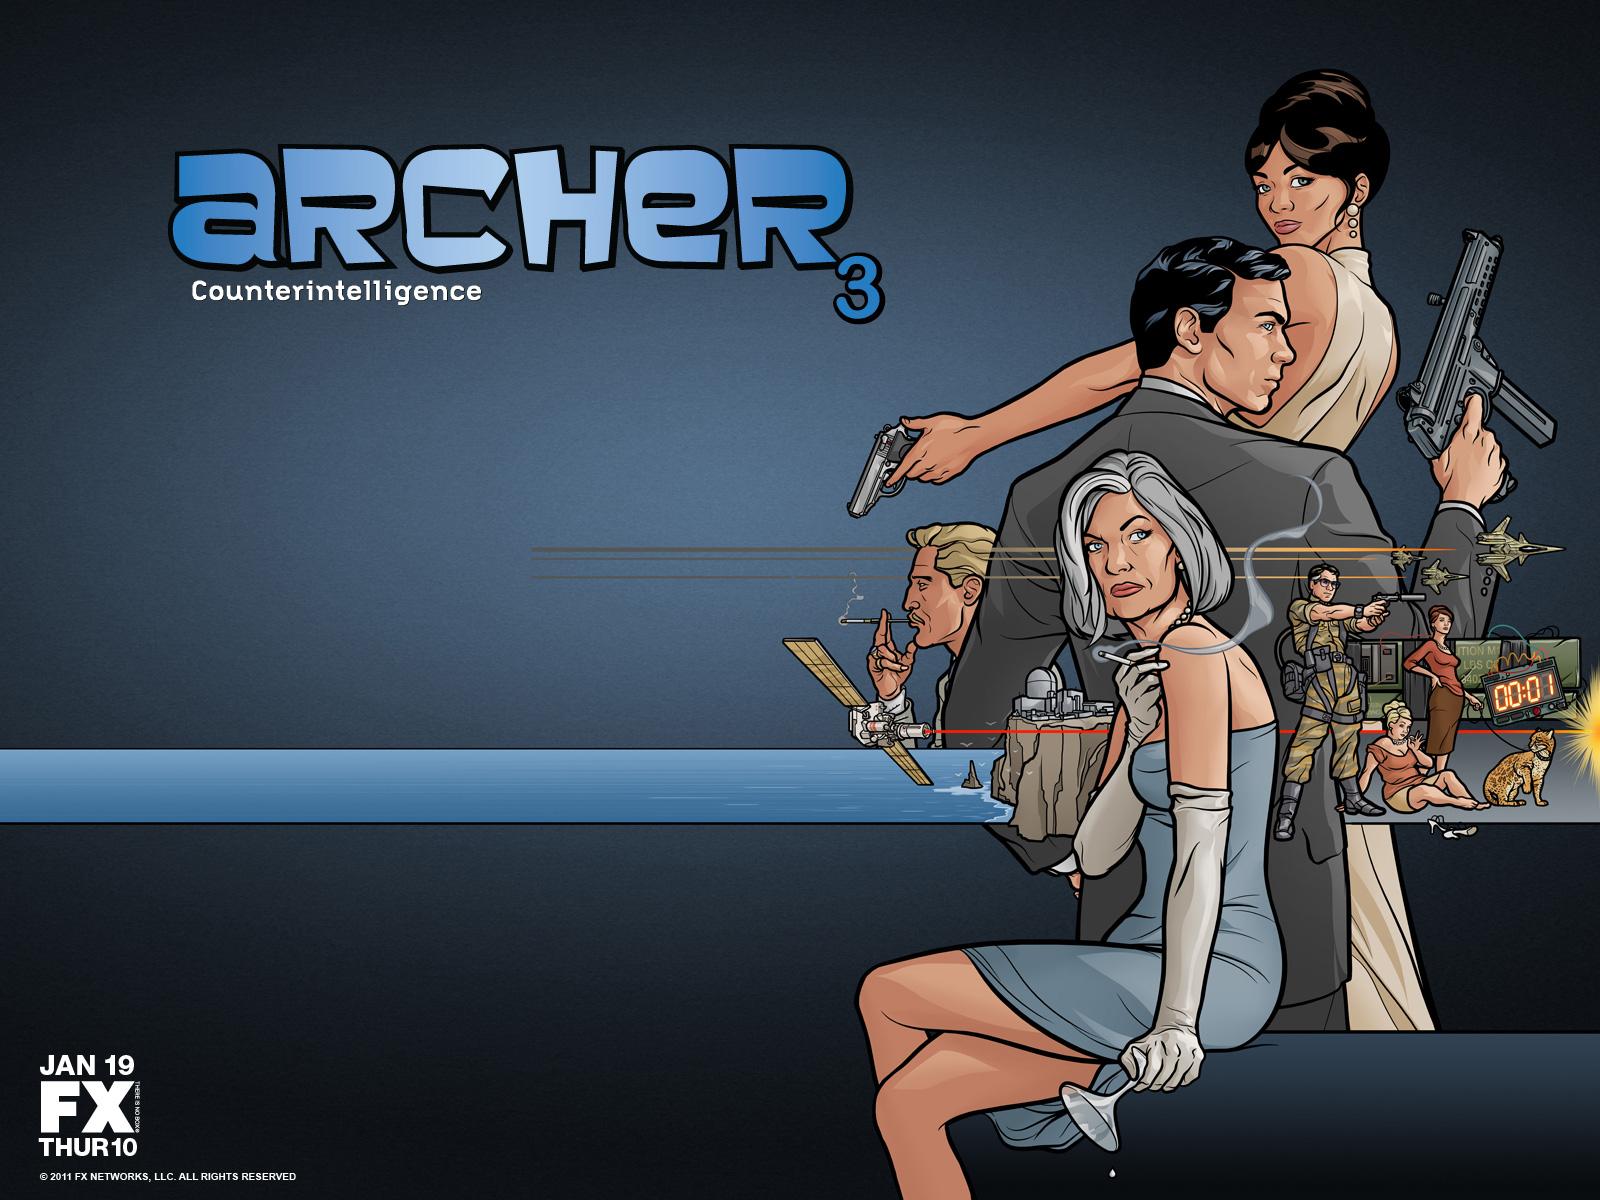 ARCHER 4